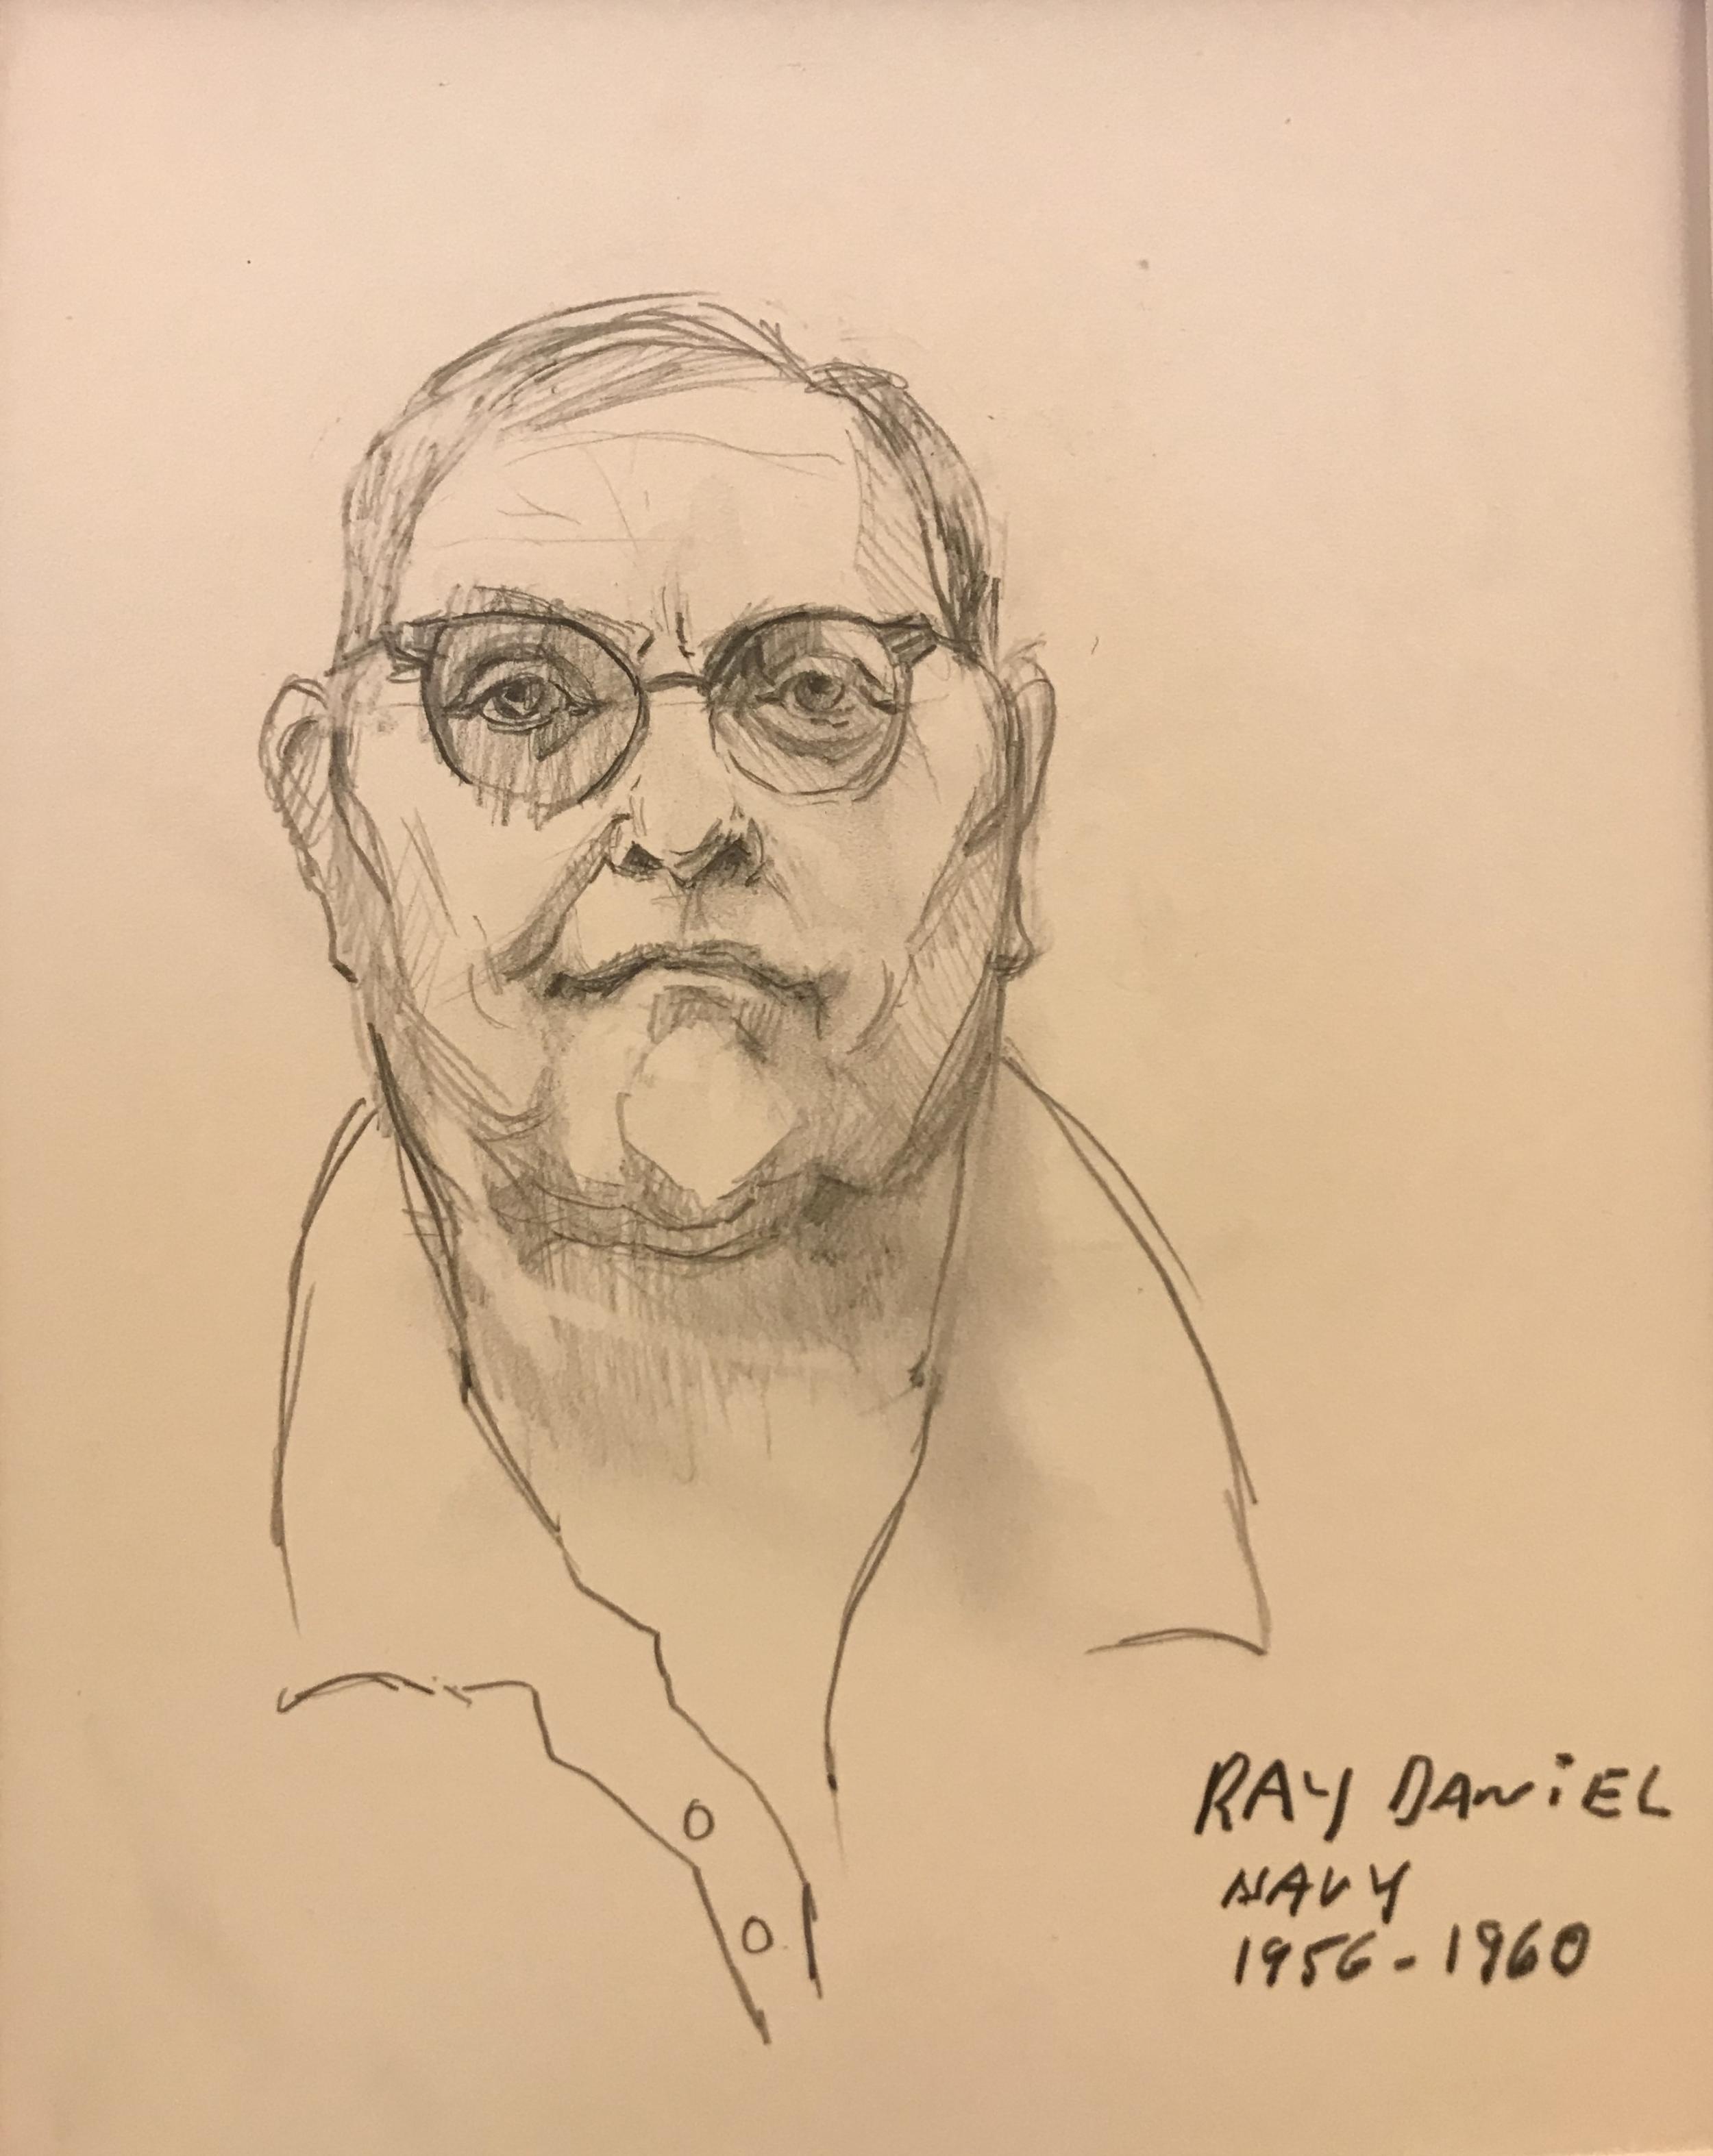 Ray Daniel